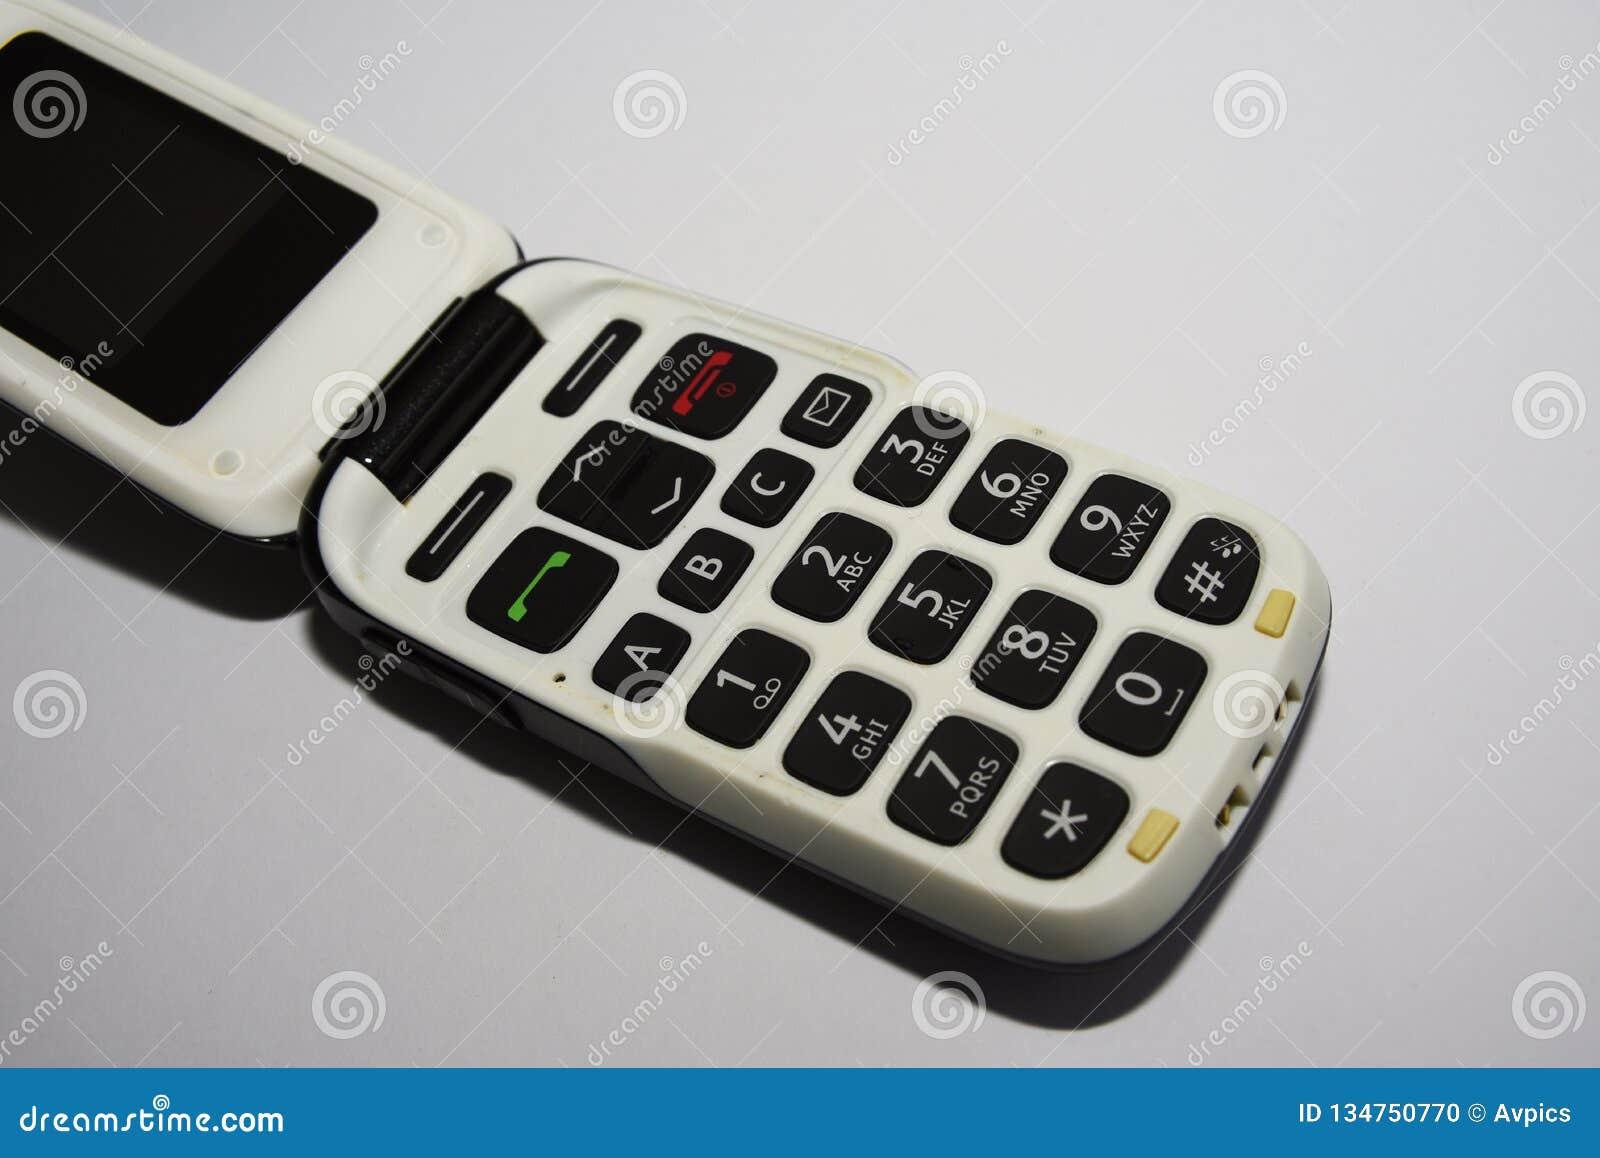 основной мобильный телефон Простой, примитивный и старомодный телефон сальто